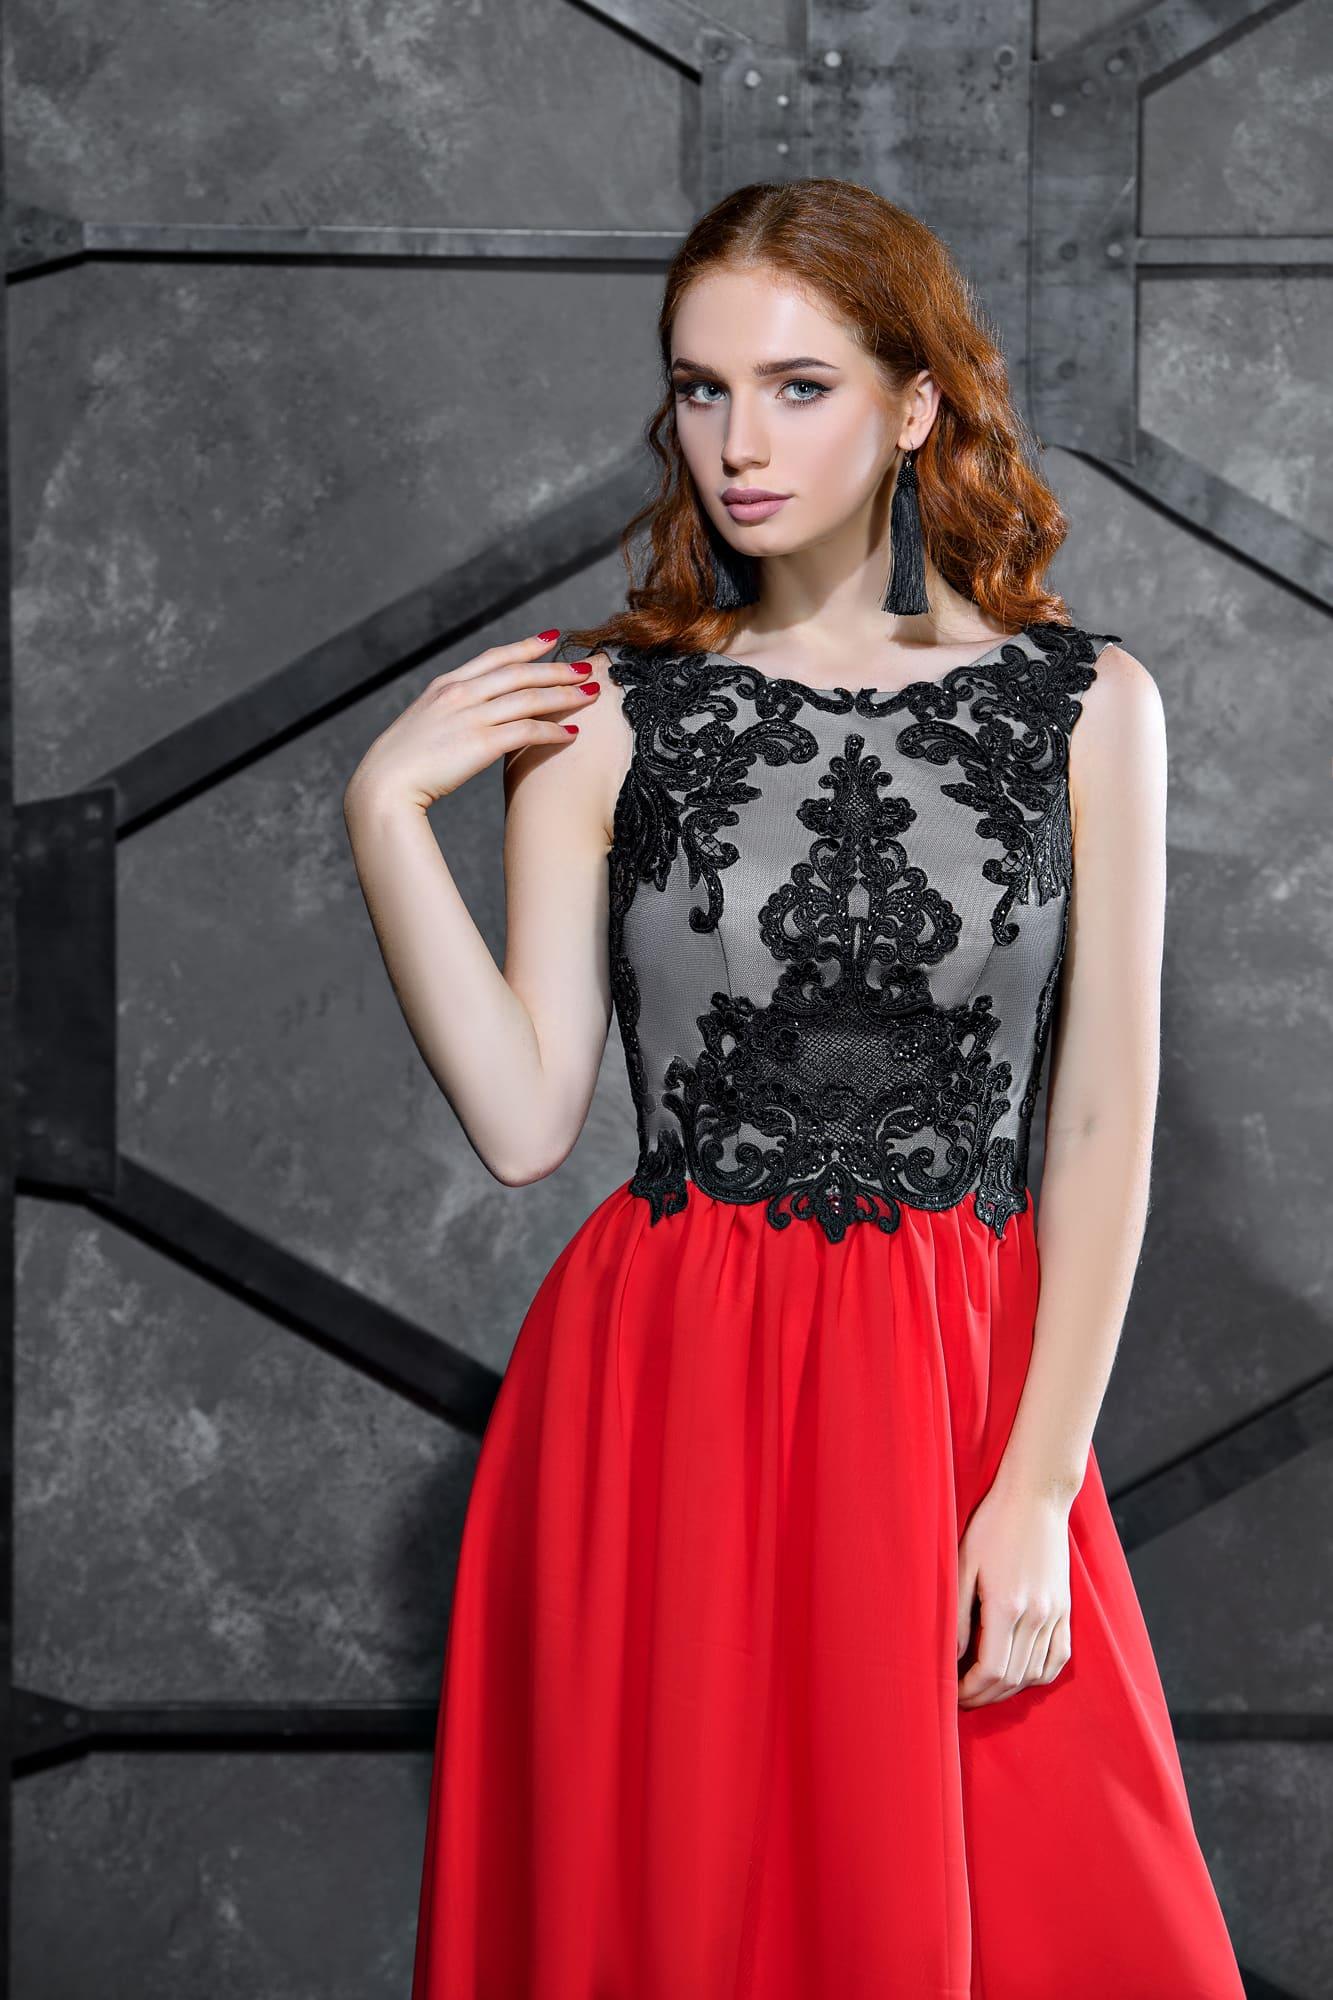 d525ba7b8f0  shop emelyana   shop eseniya-3 . Kira Nova Black Diamond   Эрика.  Оригинальное сочетание ...